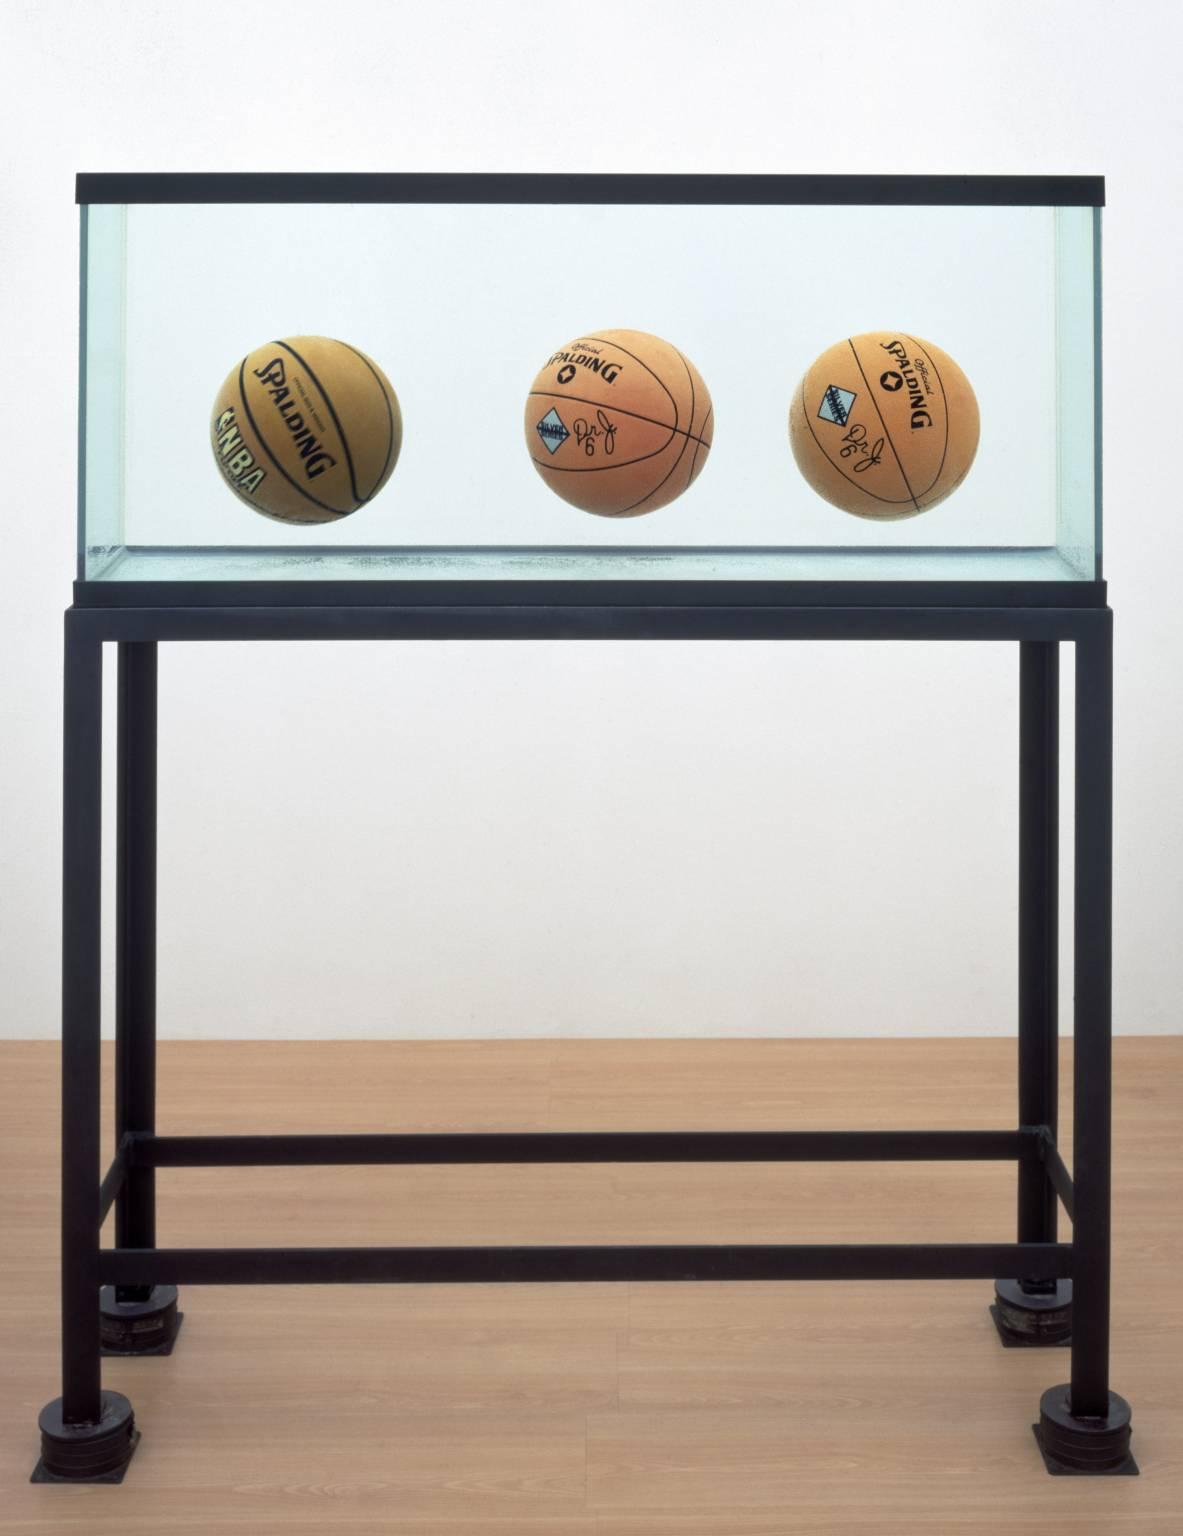 Jeff Koons - Üç Top Tam Denge Tankı 1985 (Tate Müzesi)